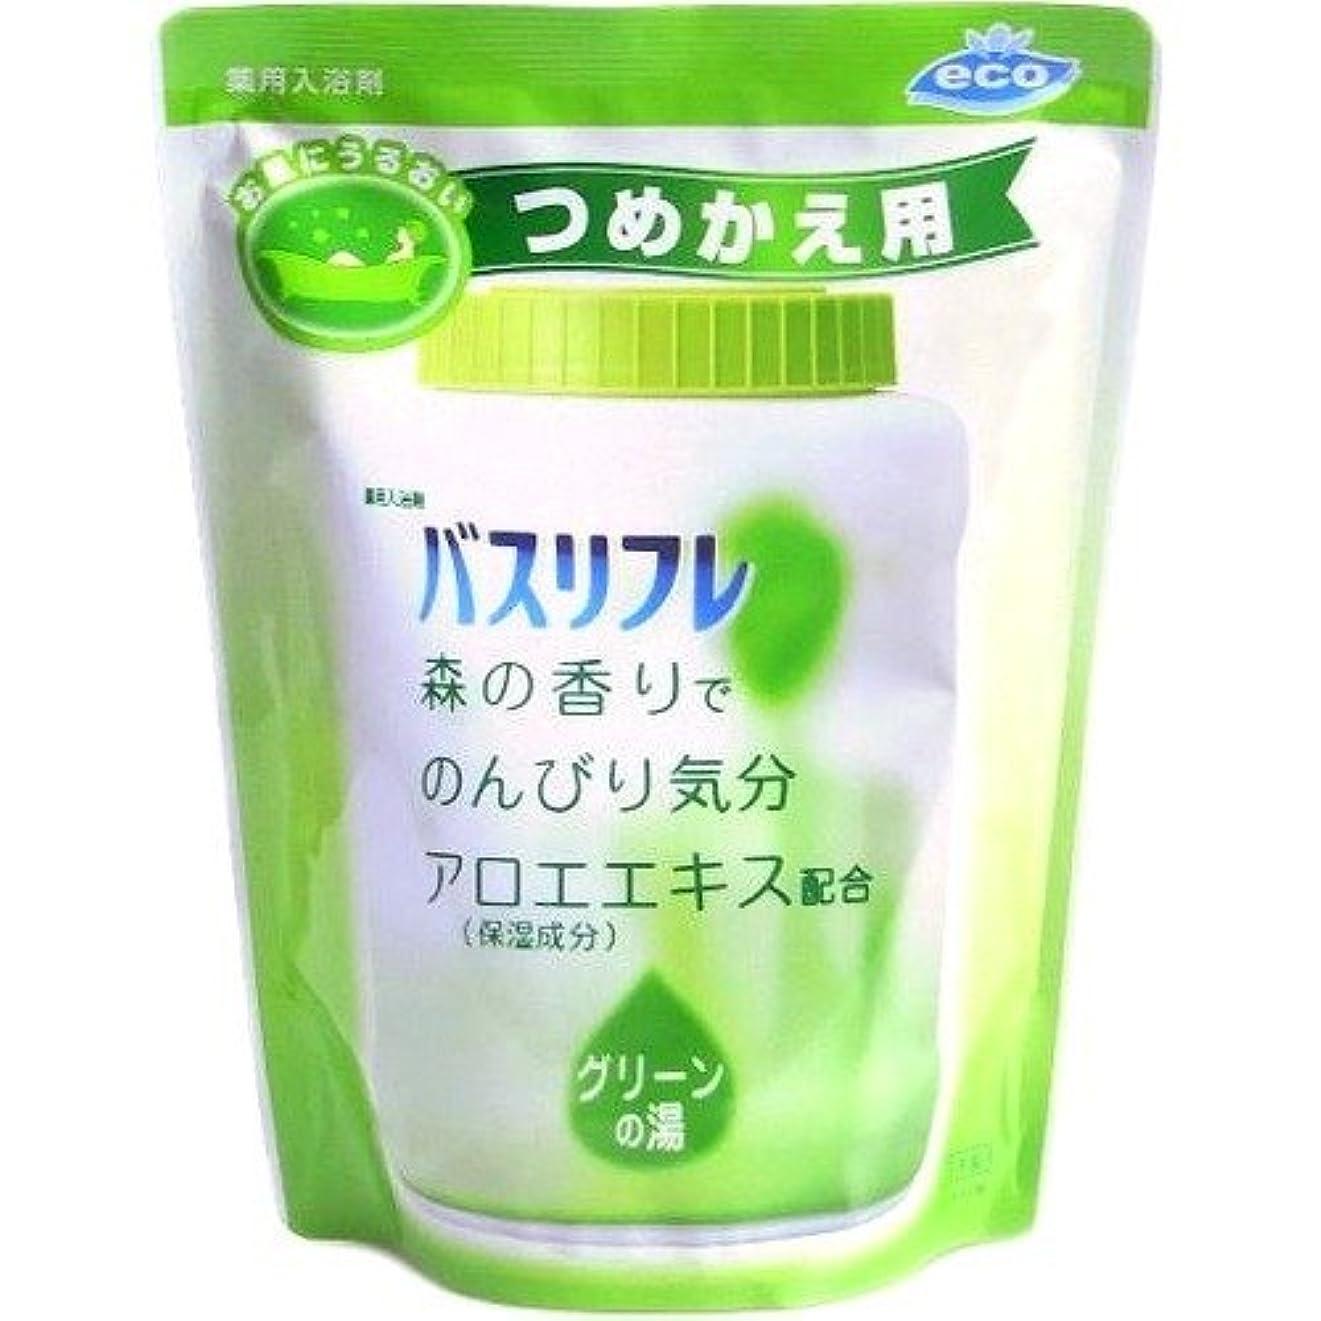 評議会に対処する立方体薬用入浴剤 バスリフレ グリーンの湯 つめかえ用 540g 森の香り (ライオンケミカル)